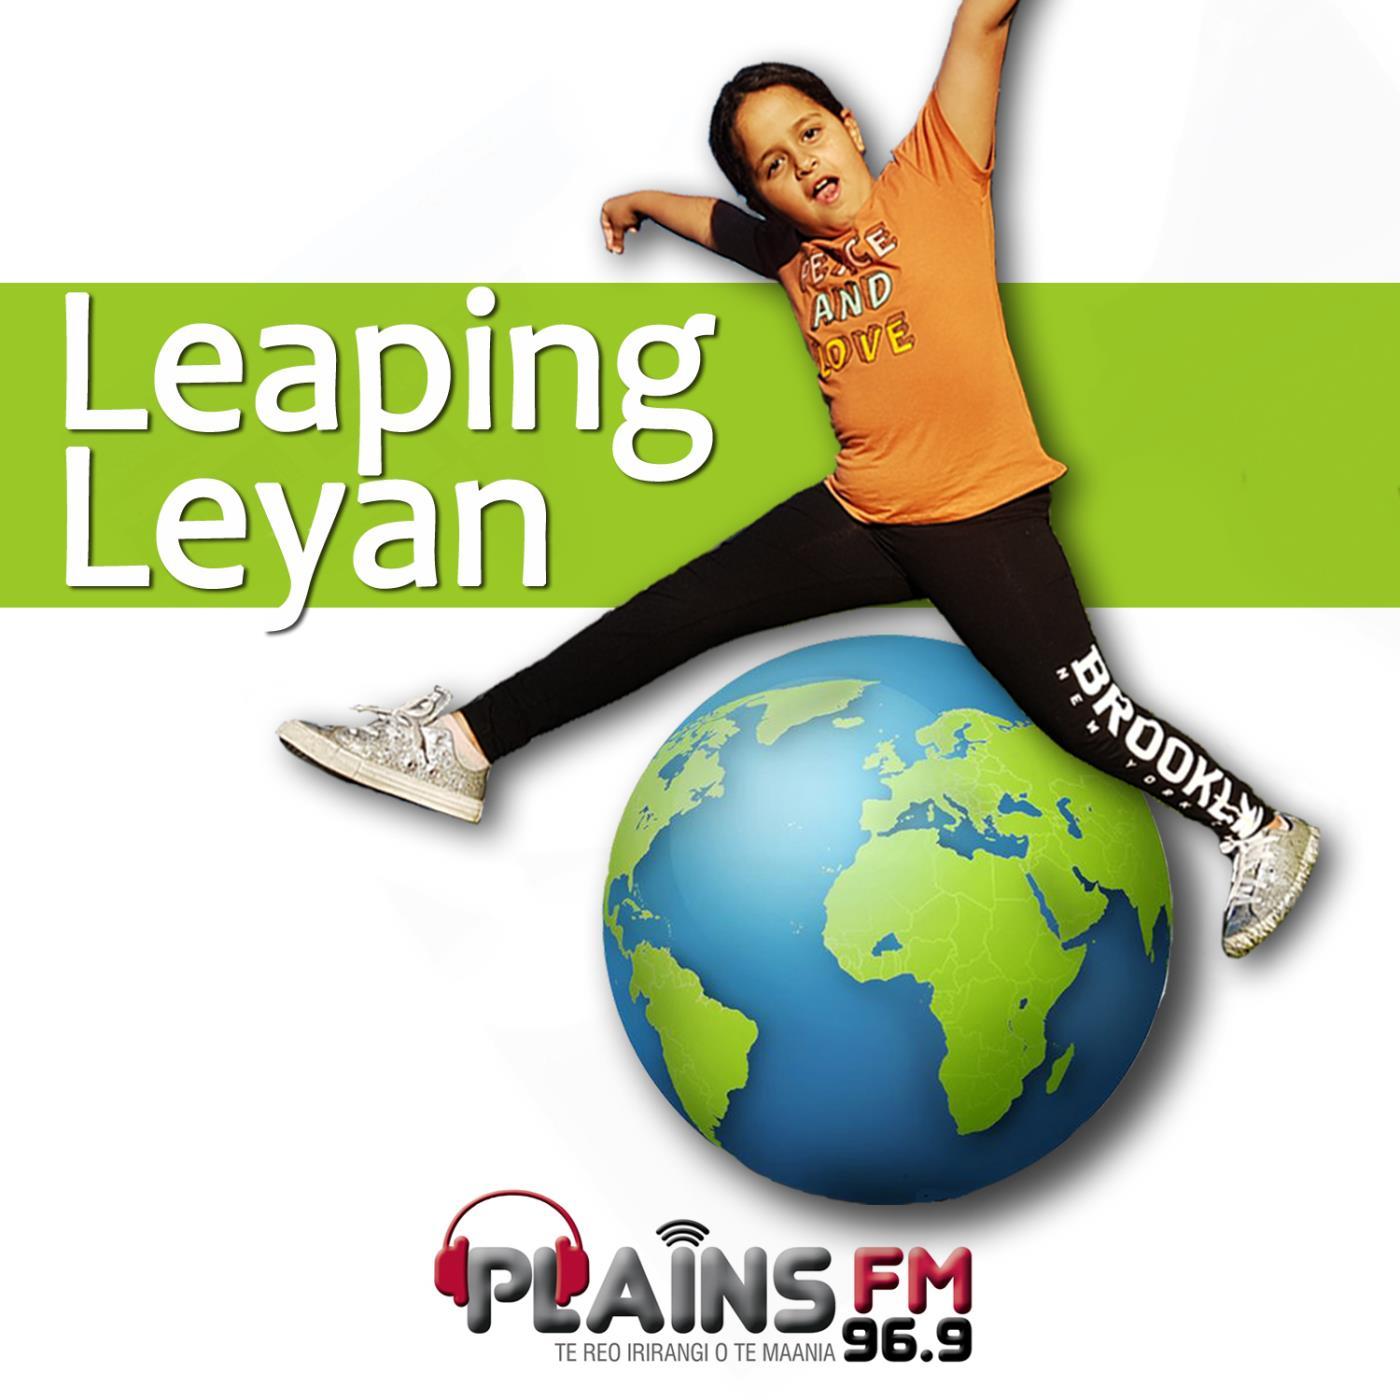 Leaping Leyan